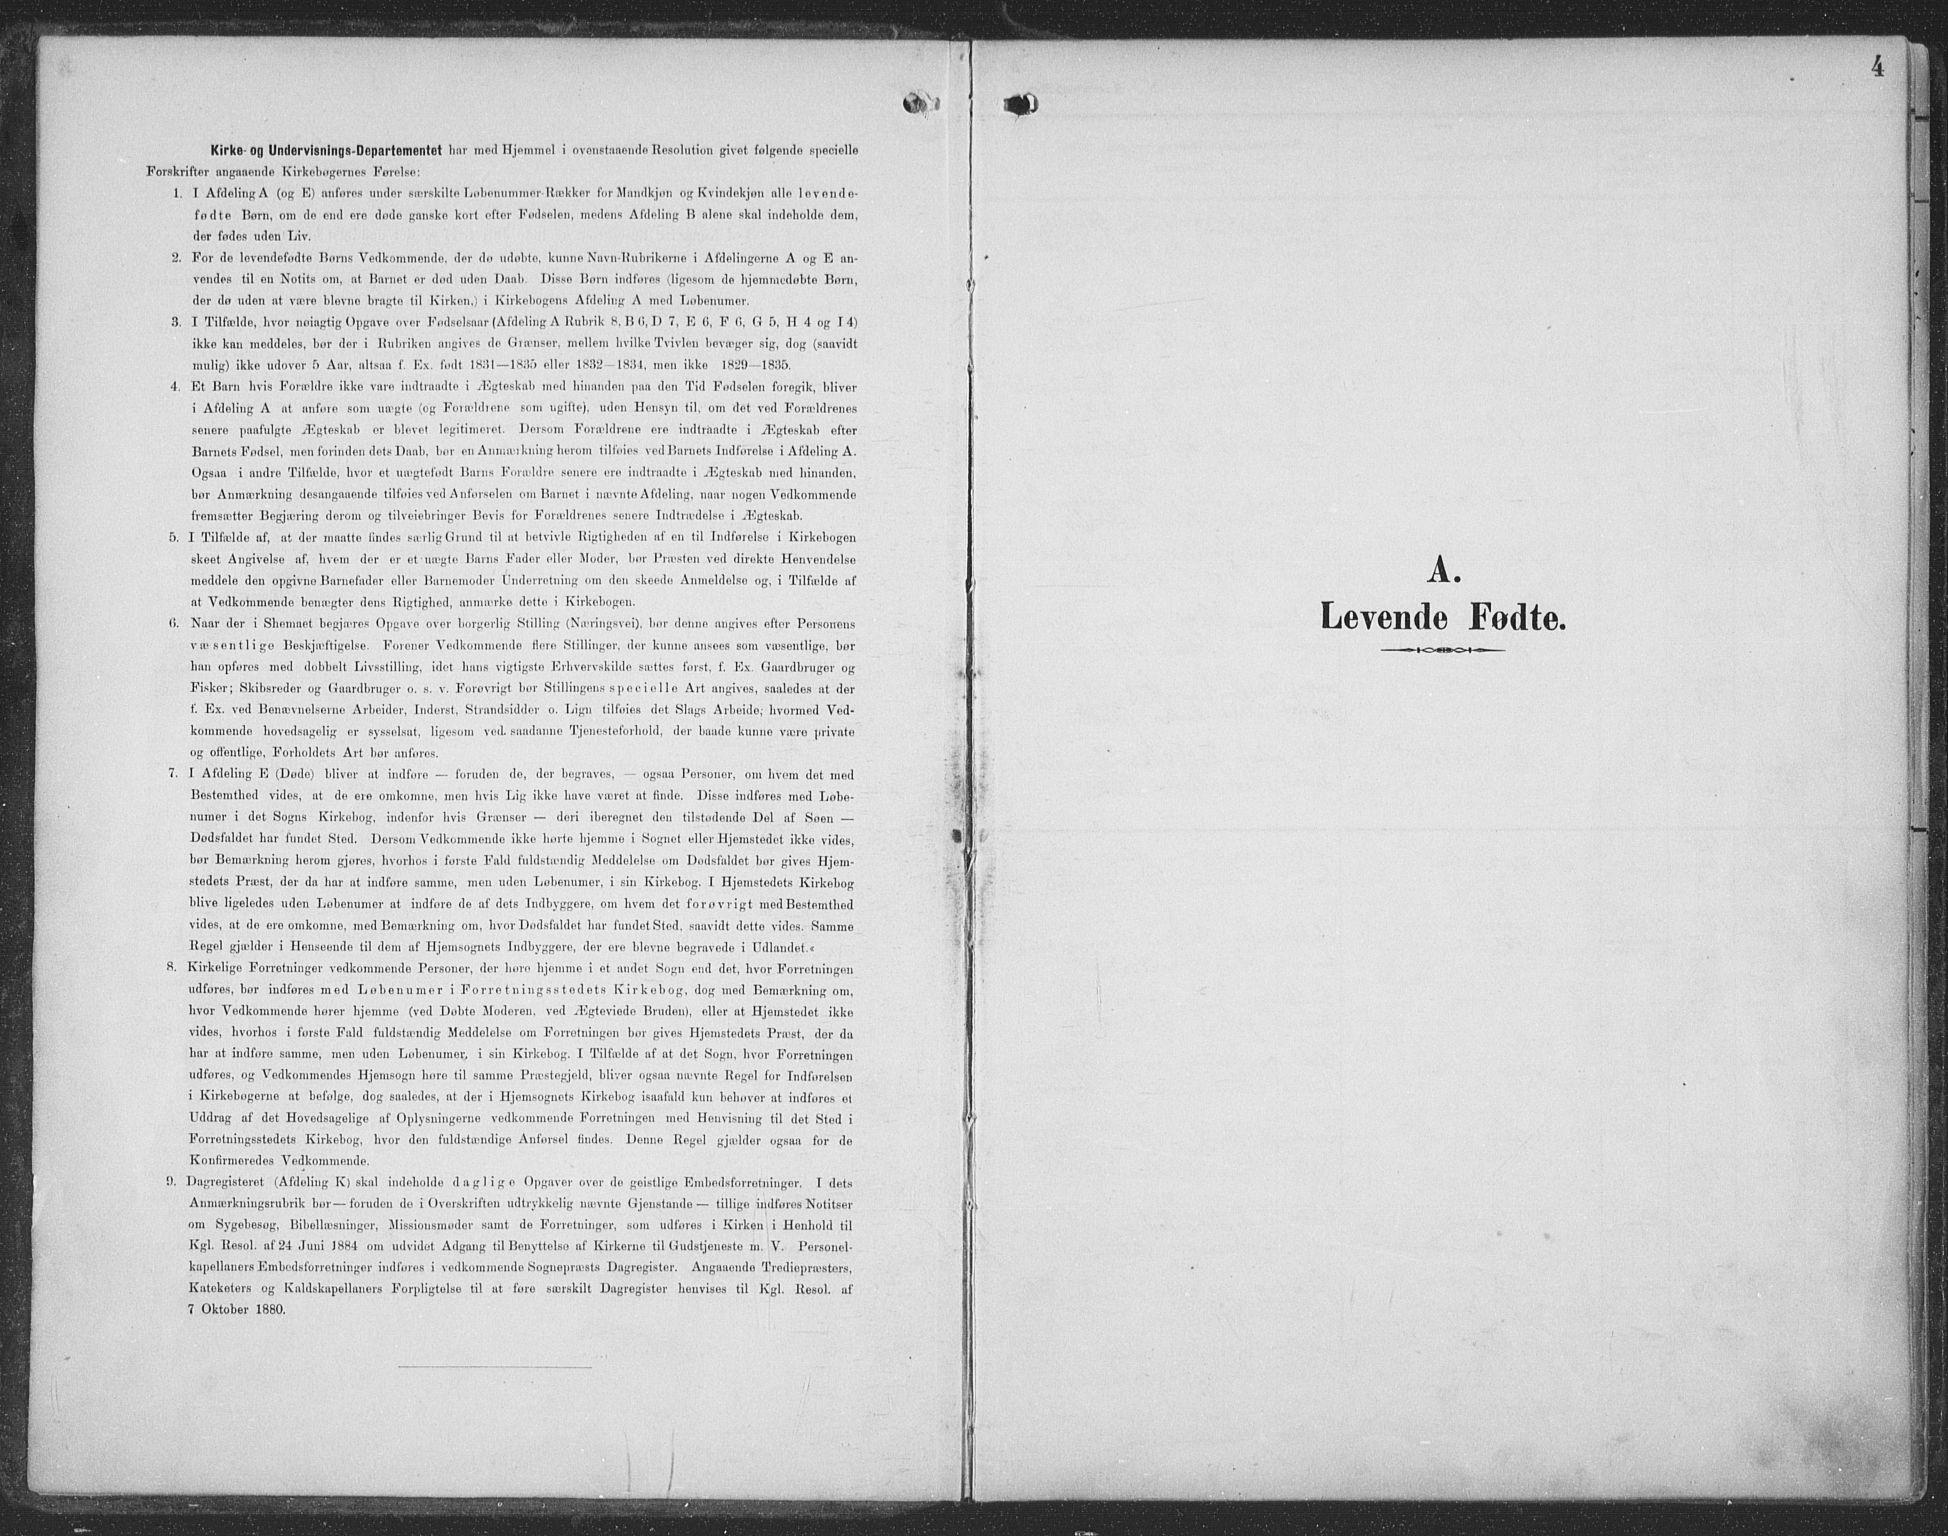 SAT, Ministerialprotokoller, klokkerbøker og fødselsregistre - Møre og Romsdal, 519/L0256: Ministerialbok nr. 519A15, 1895-1912, s. 4